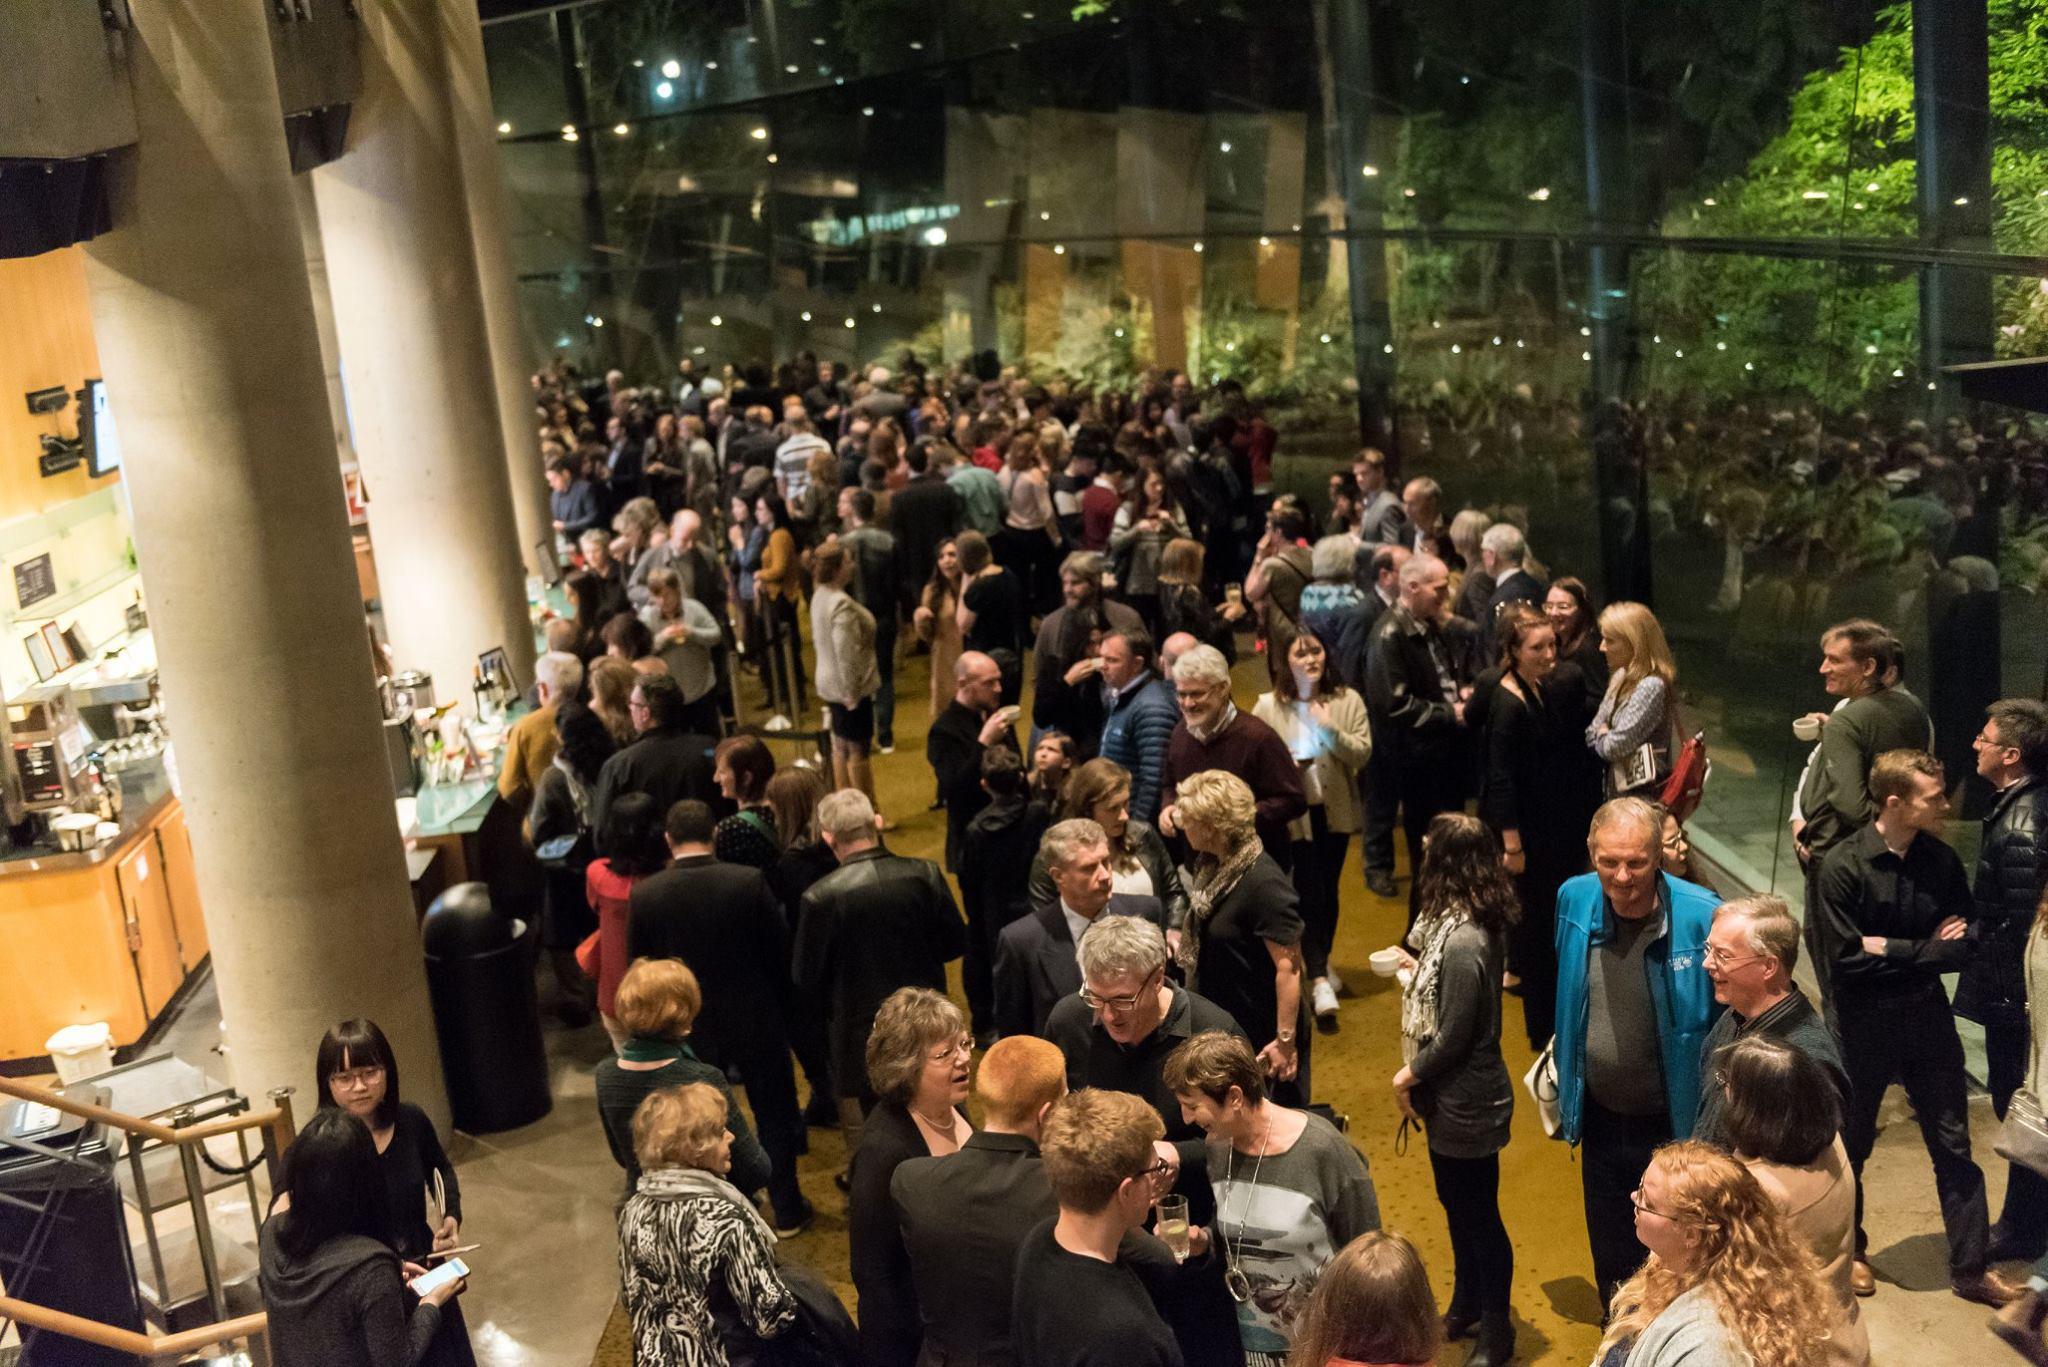 The Chan Centre atrium after the concert. Photo: Paul Joseph/UBC